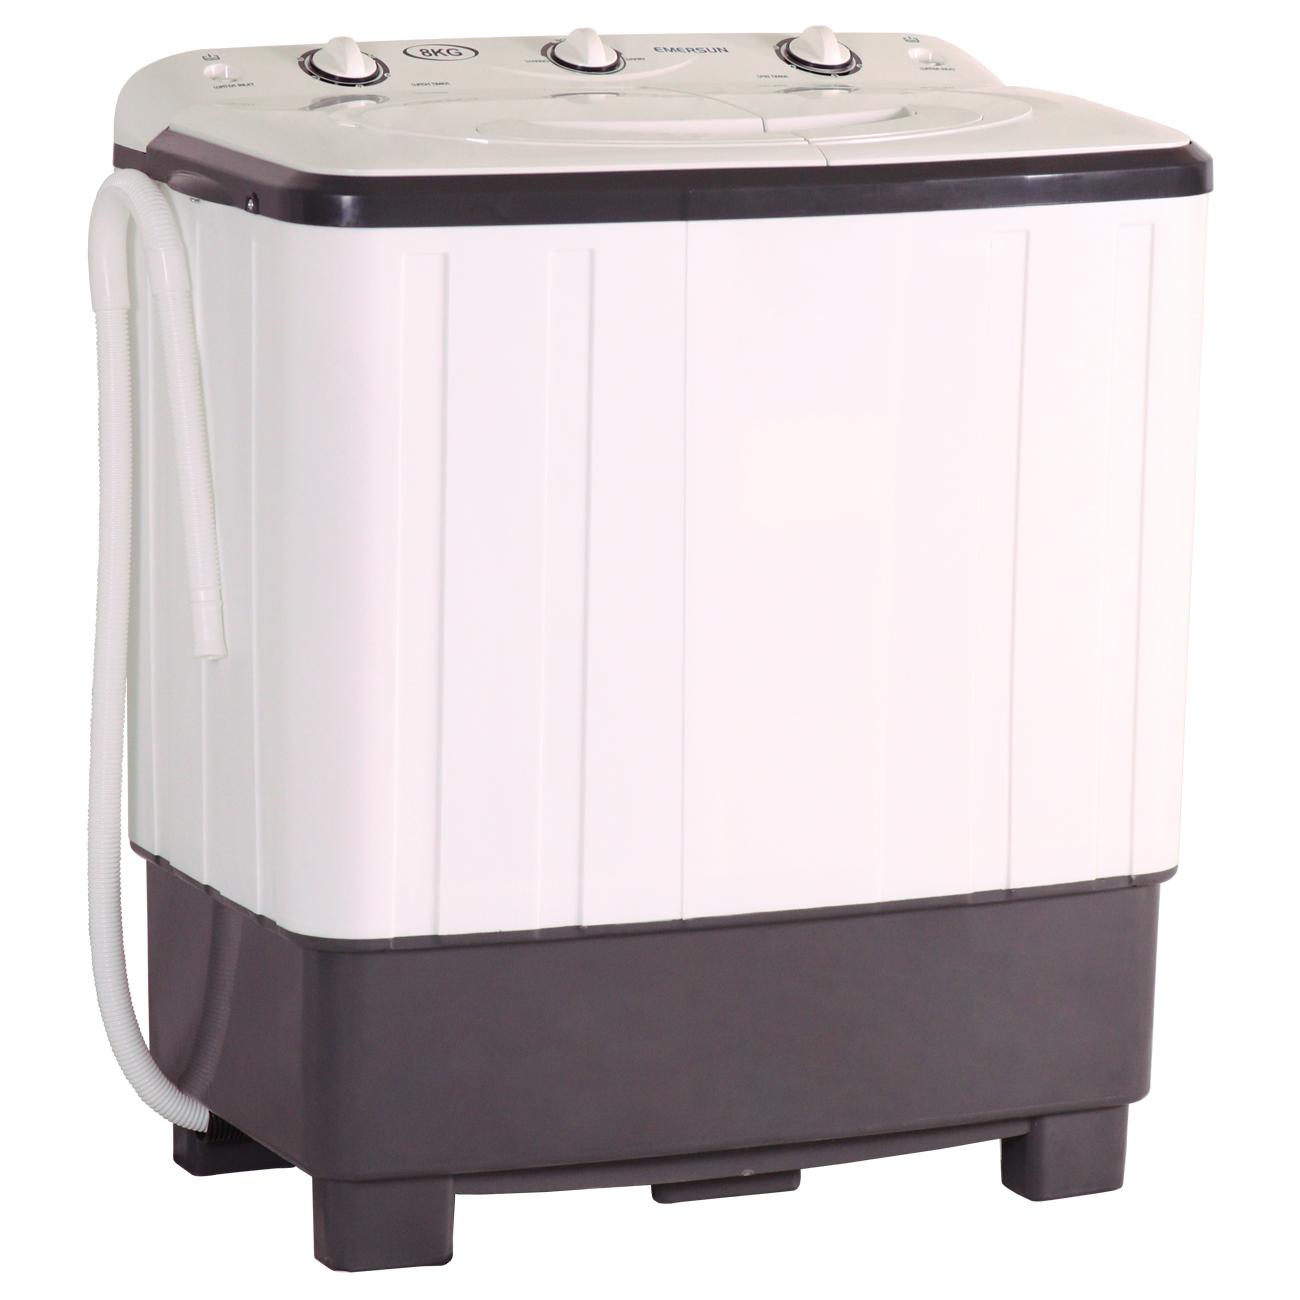 ماشین لباسشویی امرسان مدل 13000W ظرفیت 8 کیلوگرم